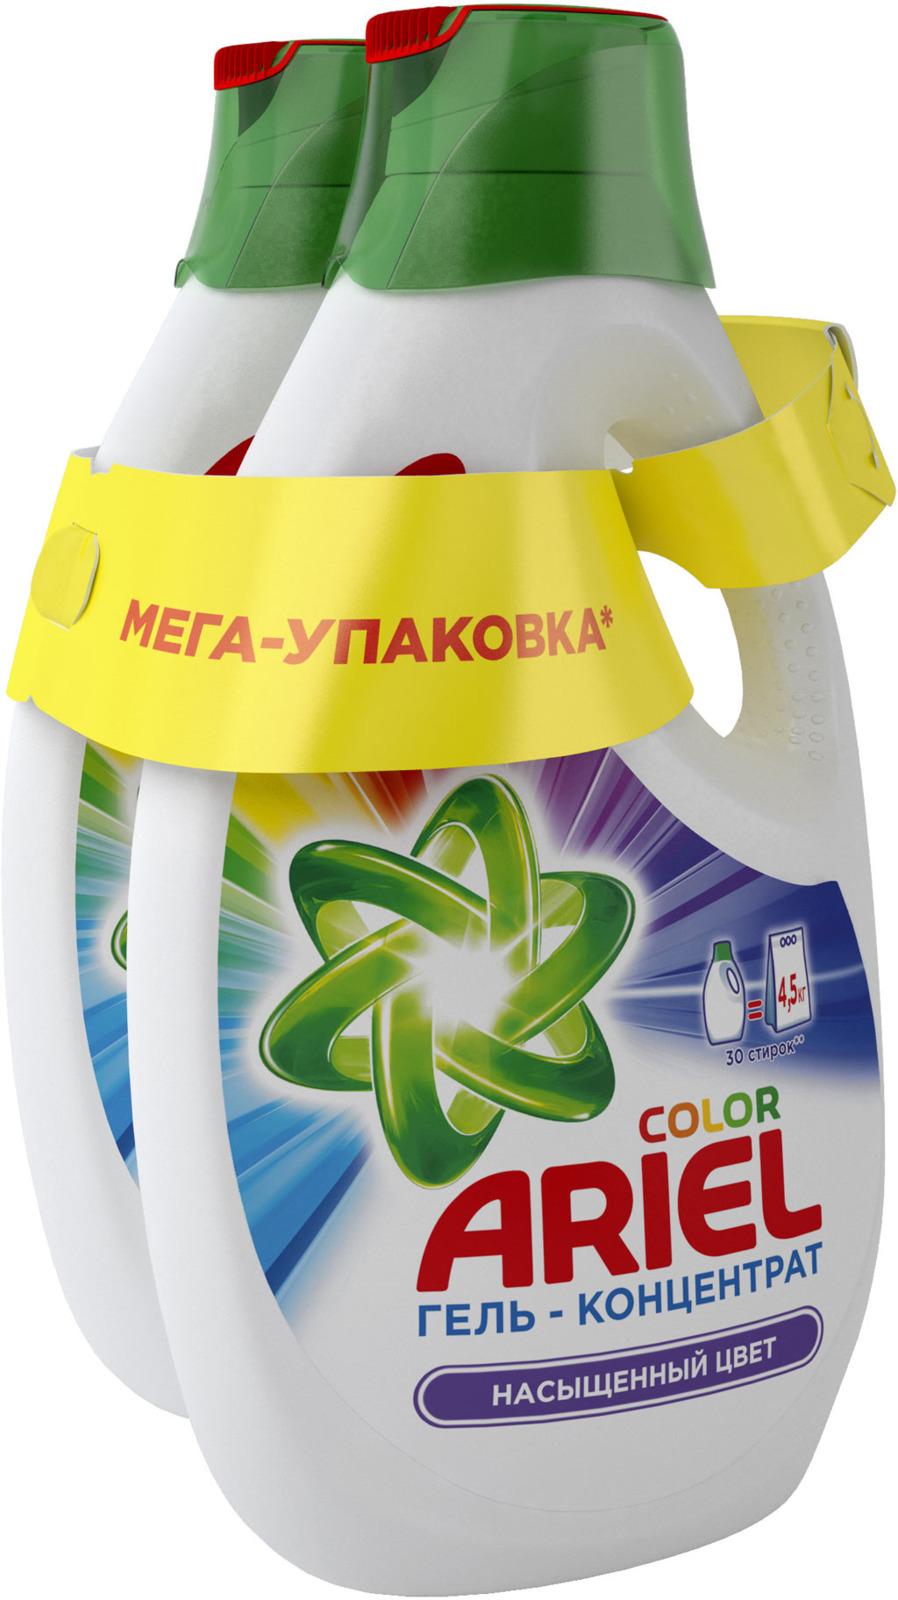 Гель для стирки Ariel Сolor, 1,95 л + 1,95 л